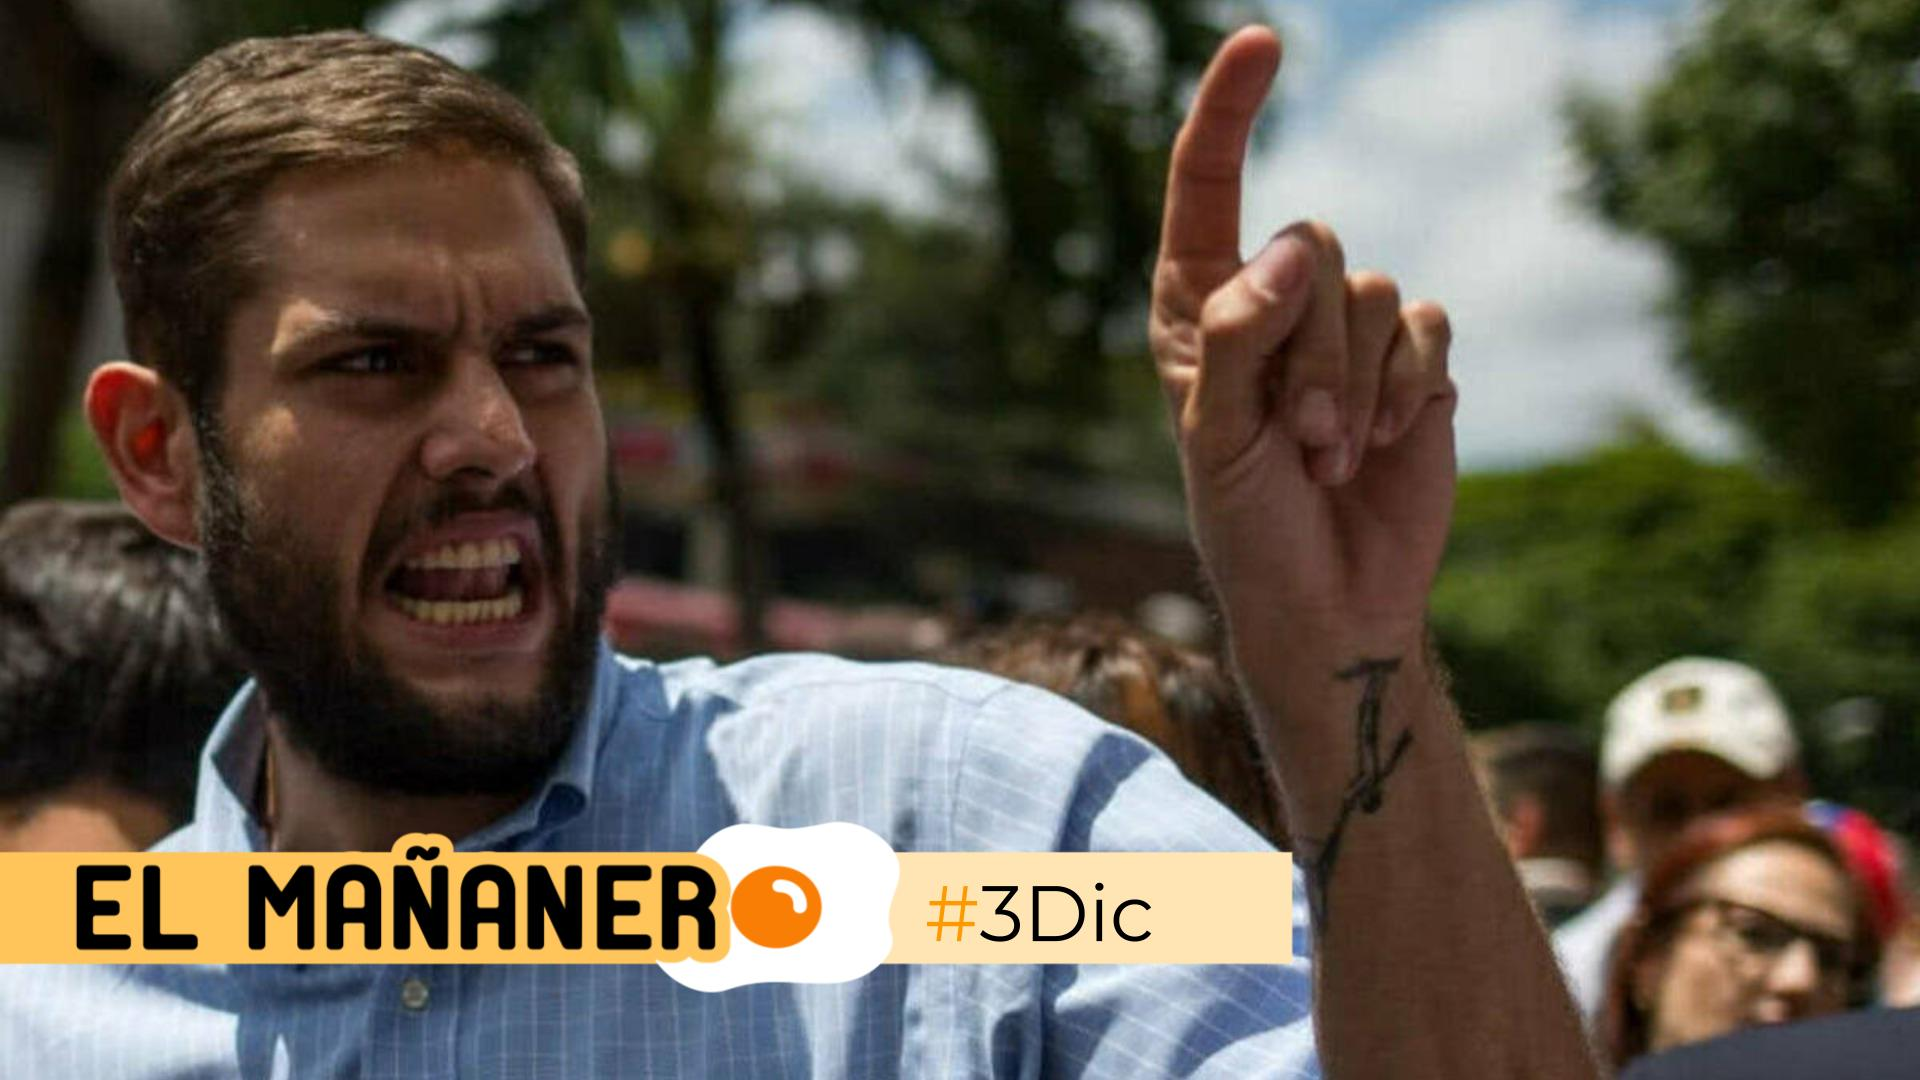 El Mañanero de hoy #3Dic: Las 8 noticias que debes saber